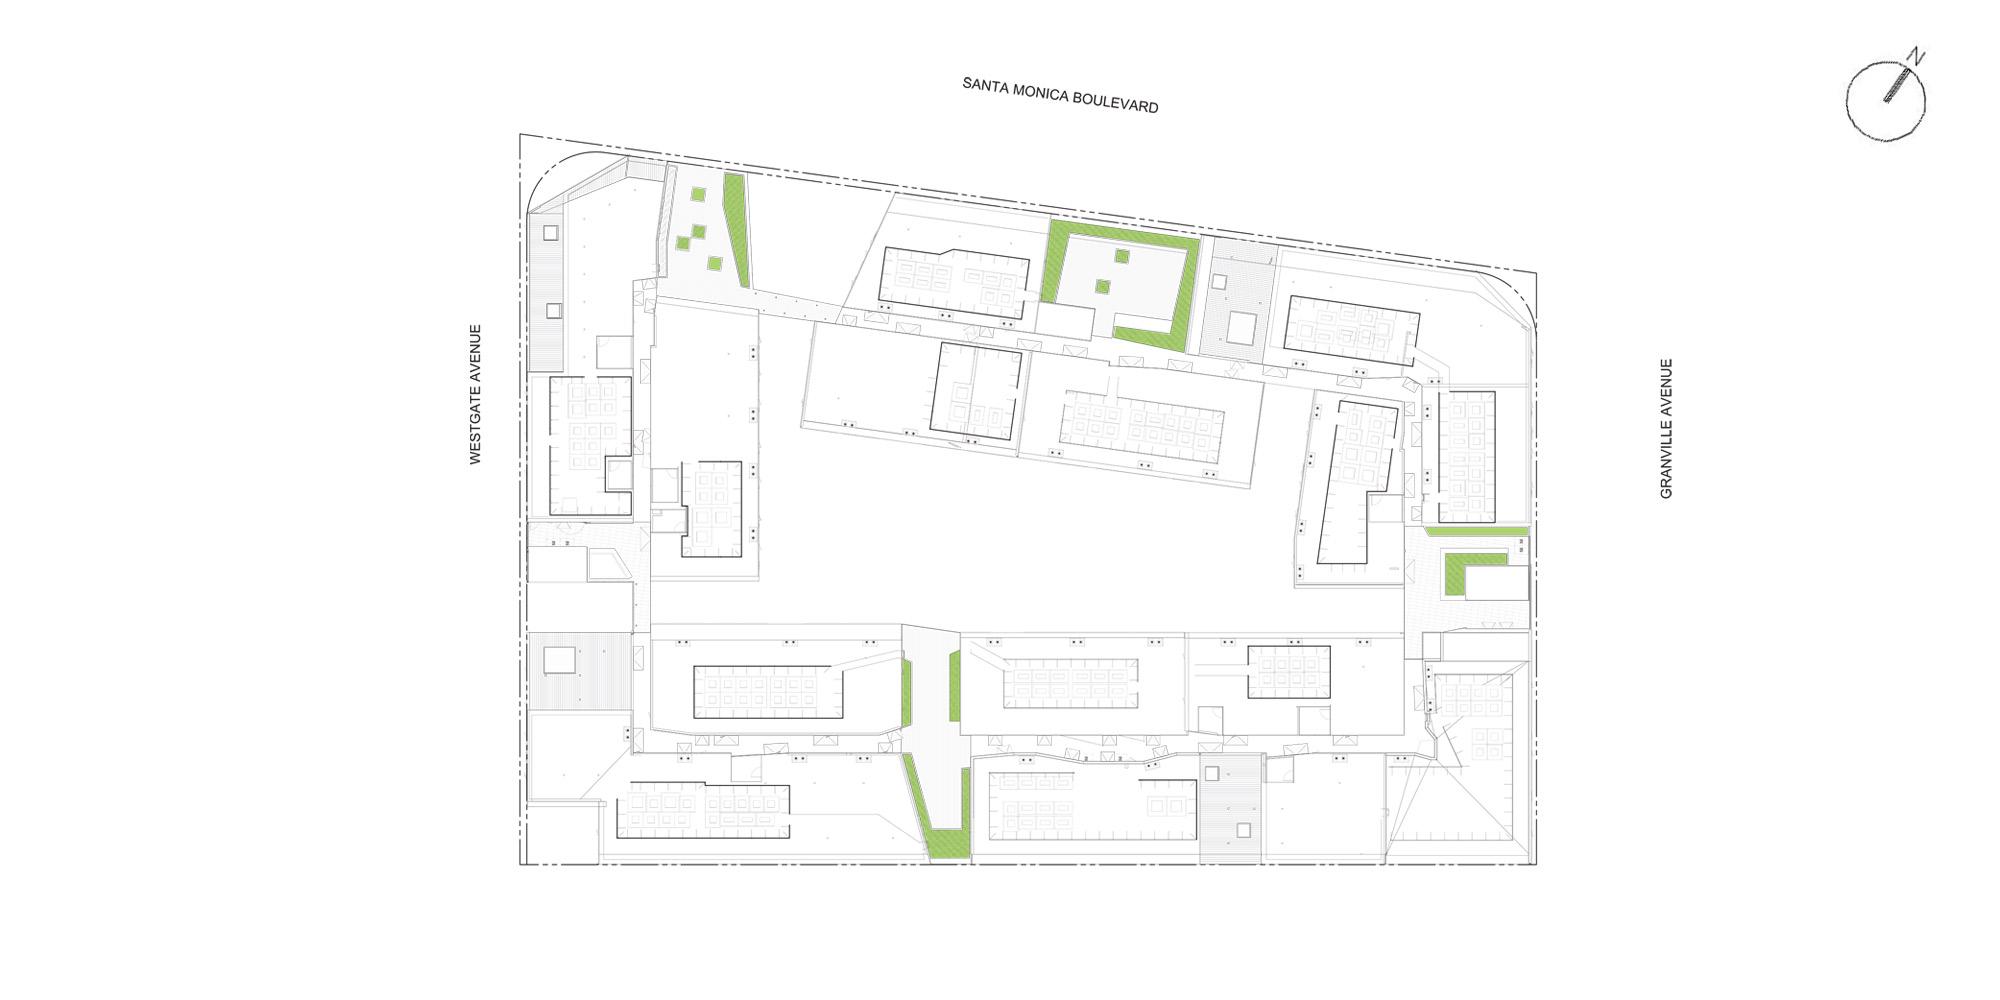 Pianta copertura © Lorcan O'Herlihy Architects (LOHA)